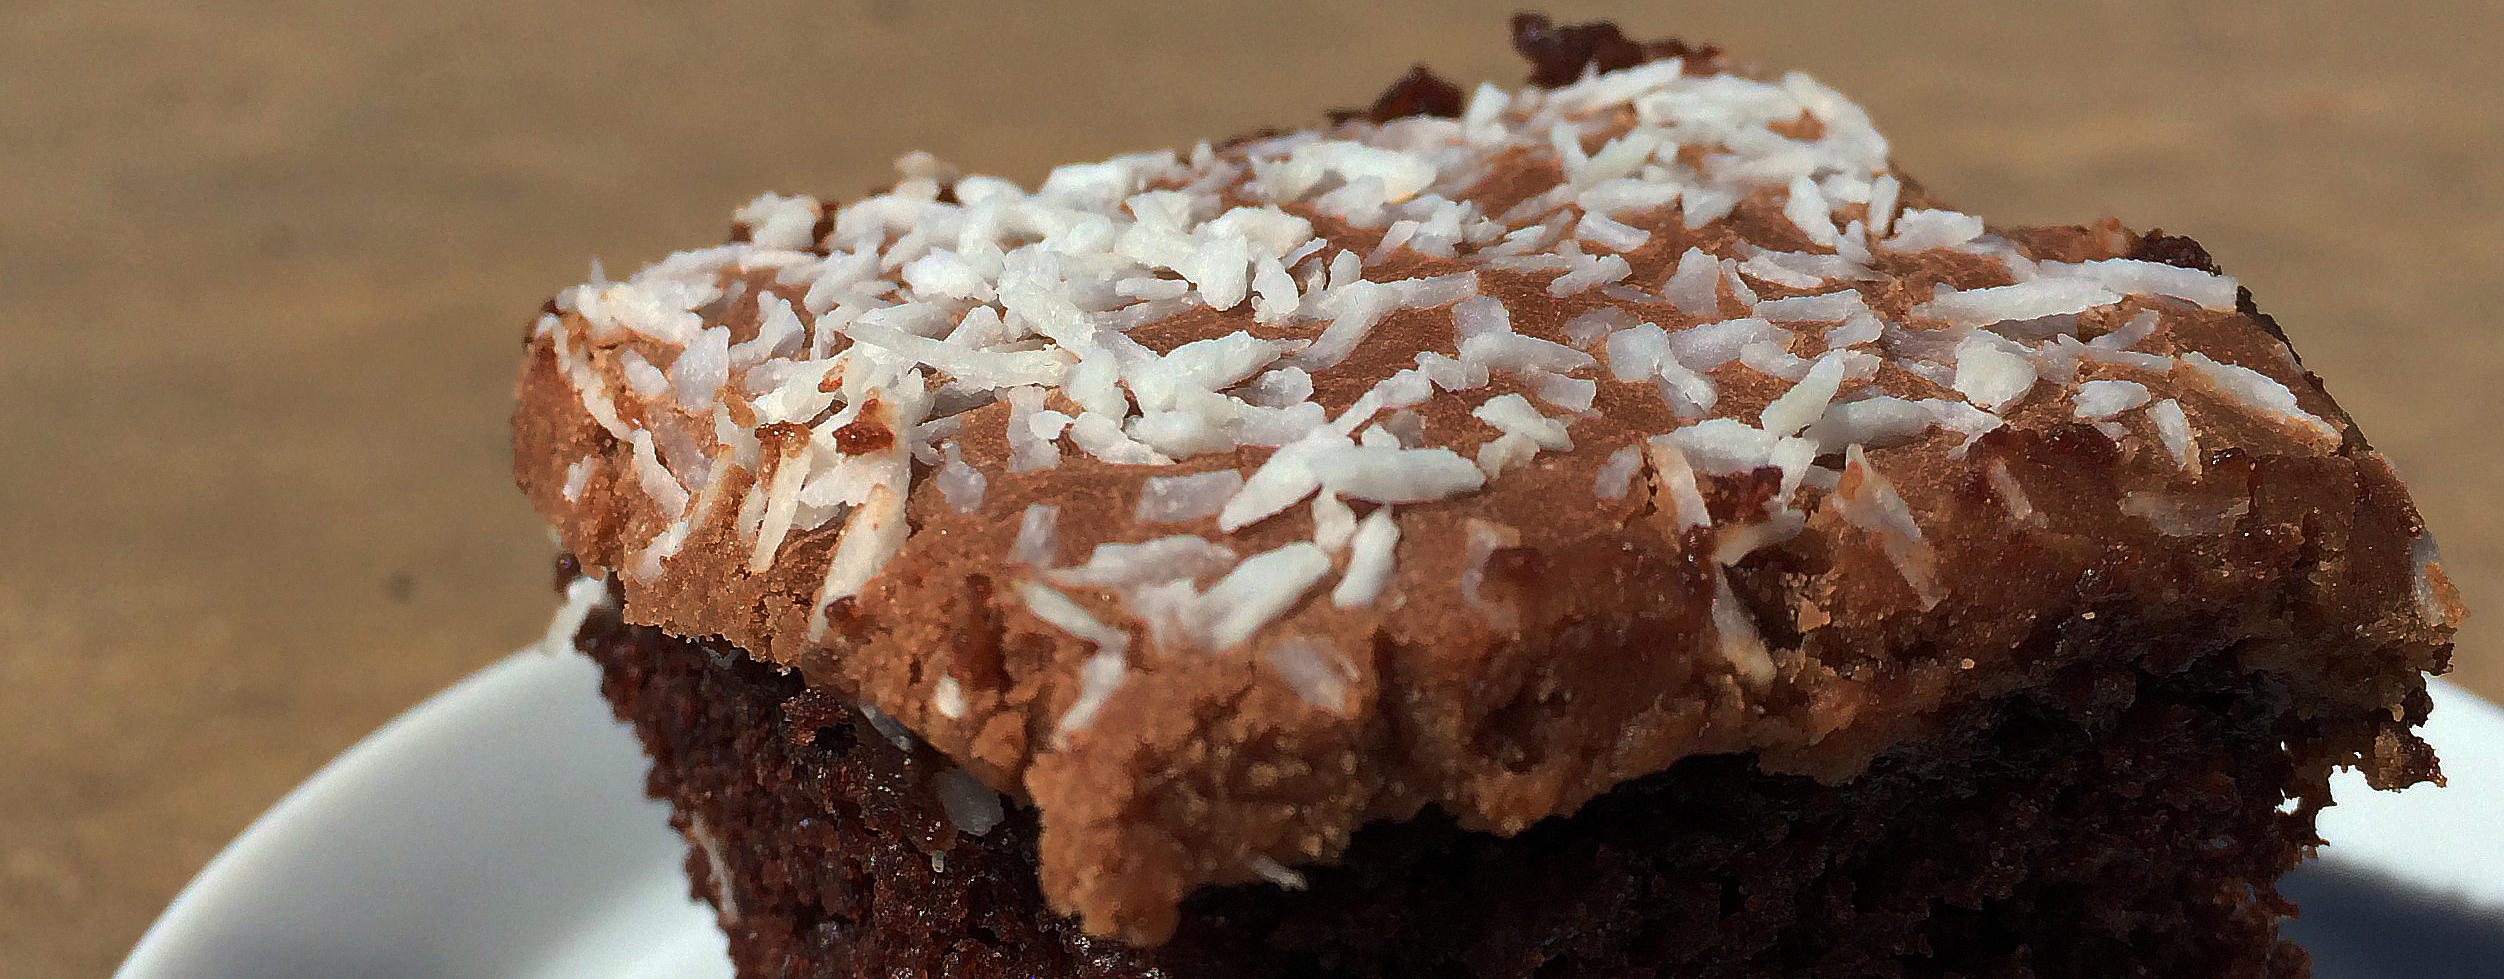 smørkrem oppskrift muffins